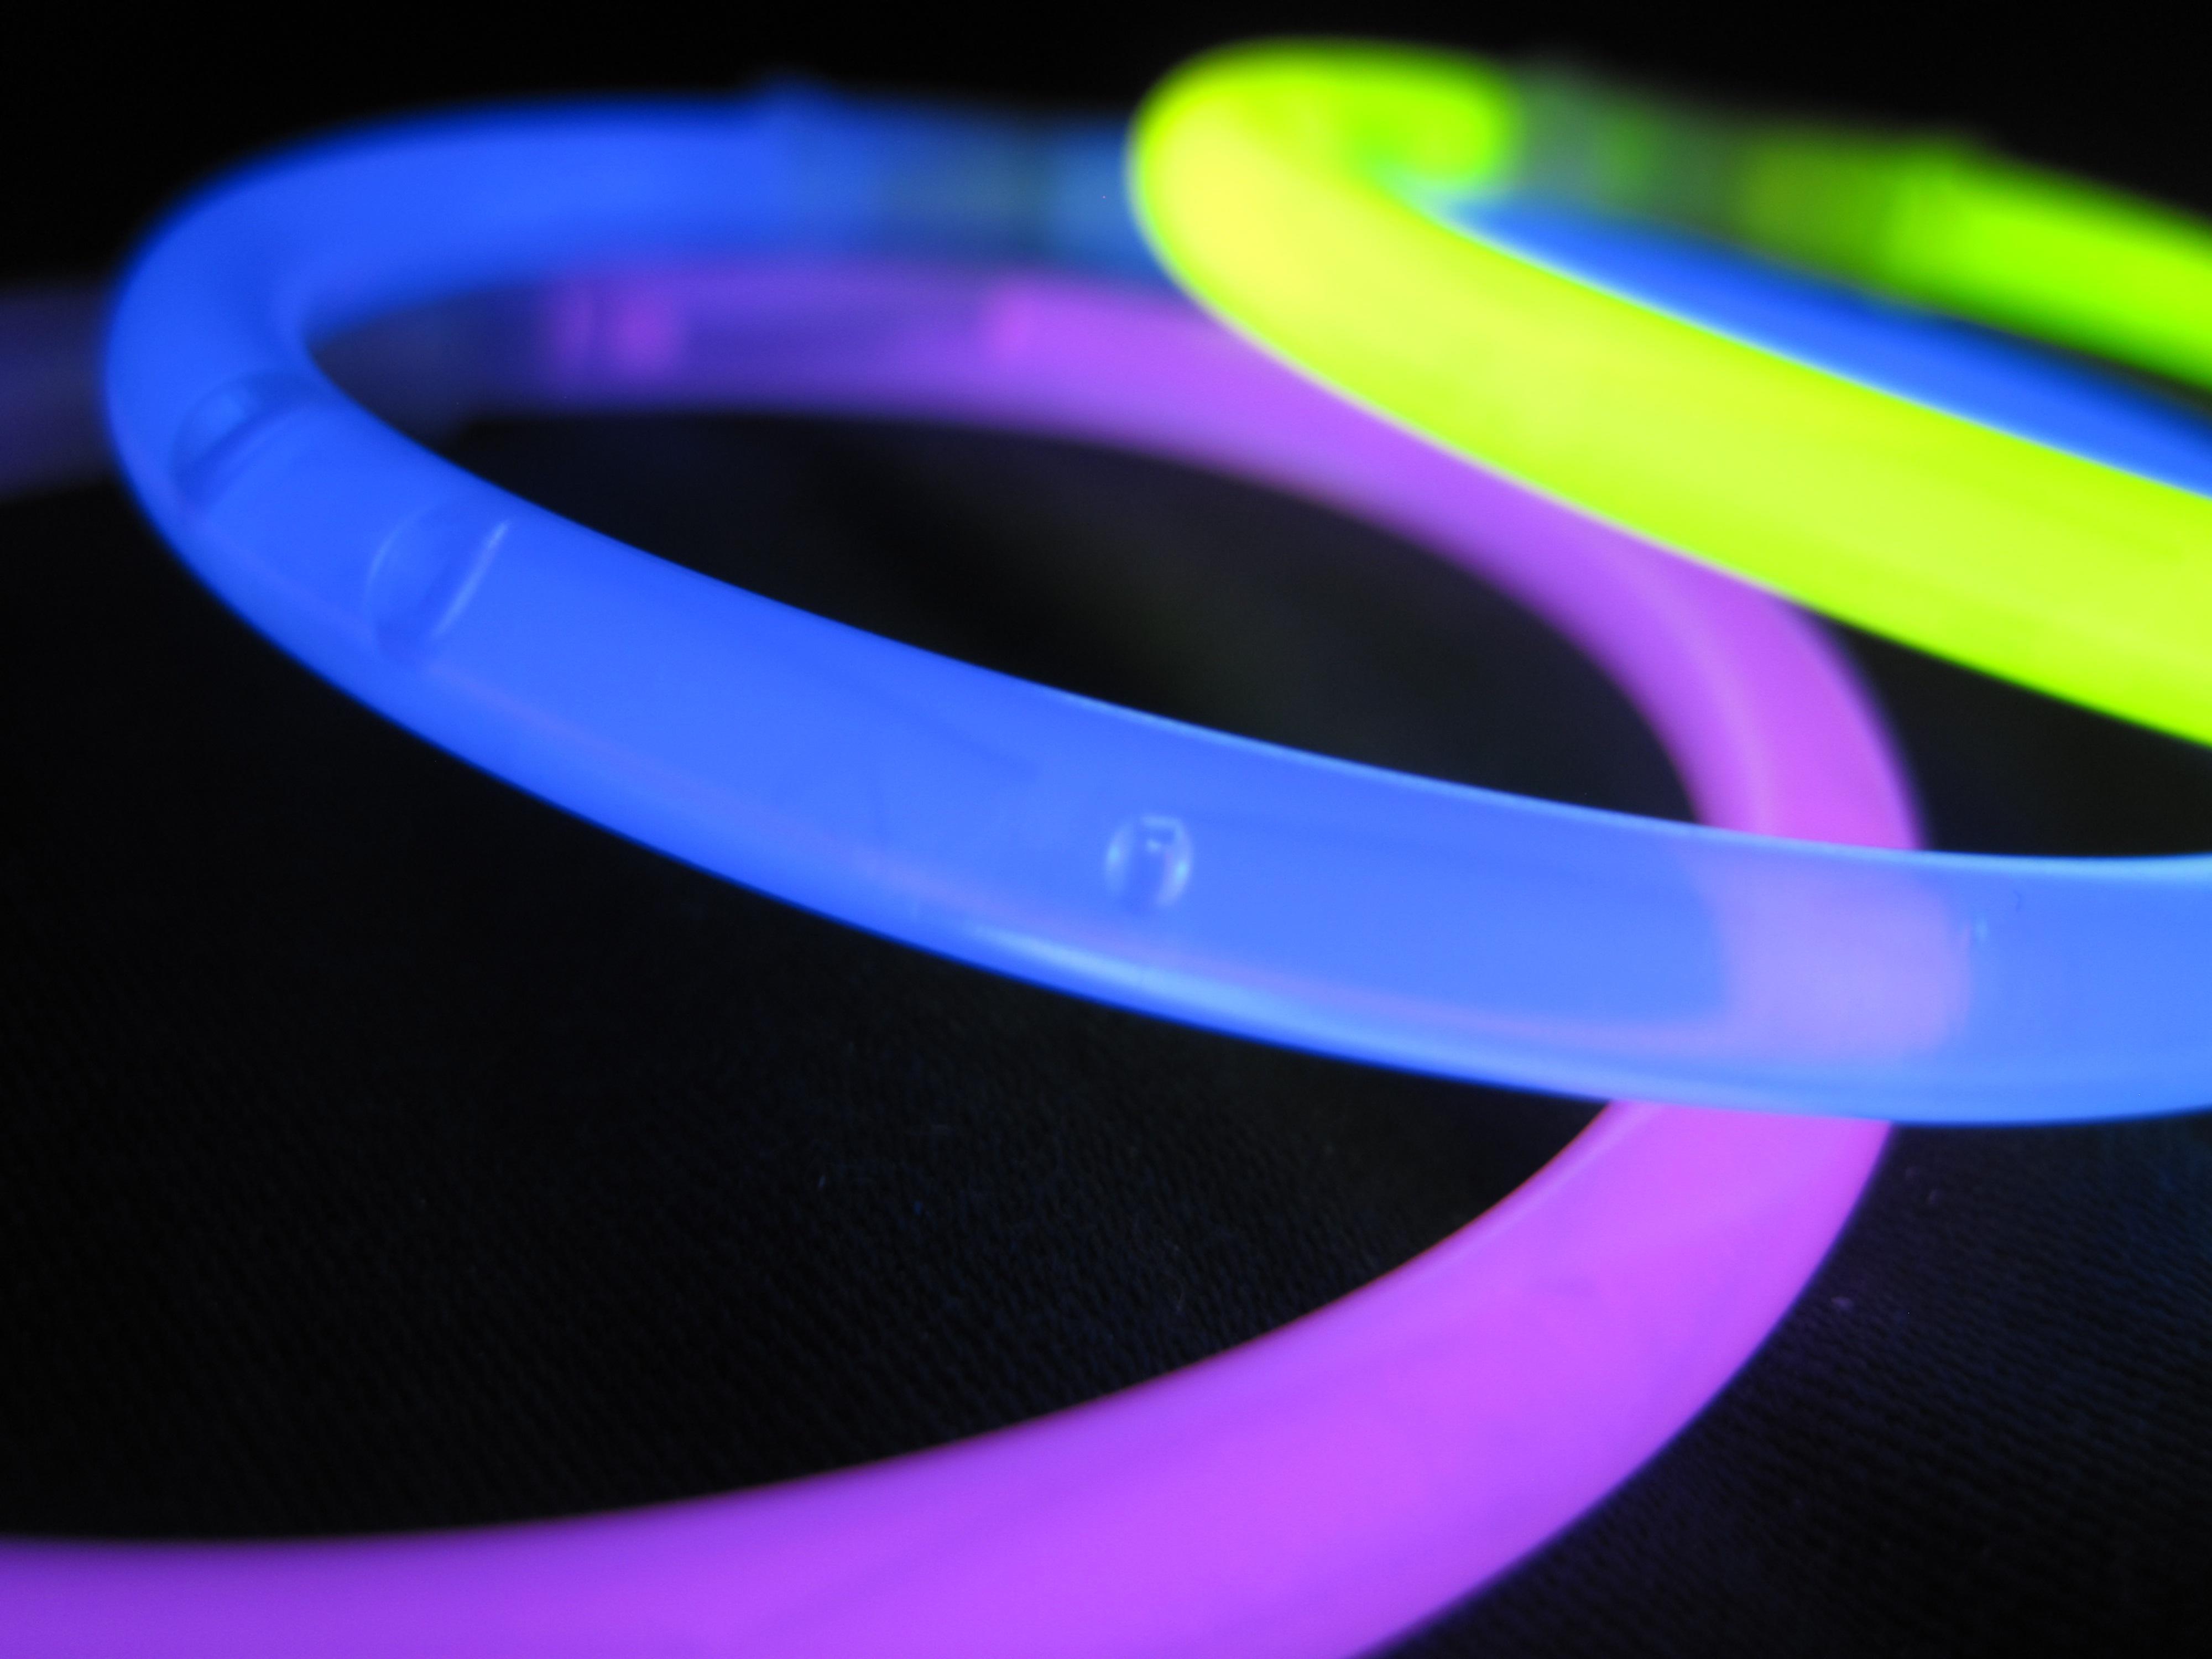 Gratis Afbeeldingen : licht, kleur, kleurrijk, verlichting, cirkel ...